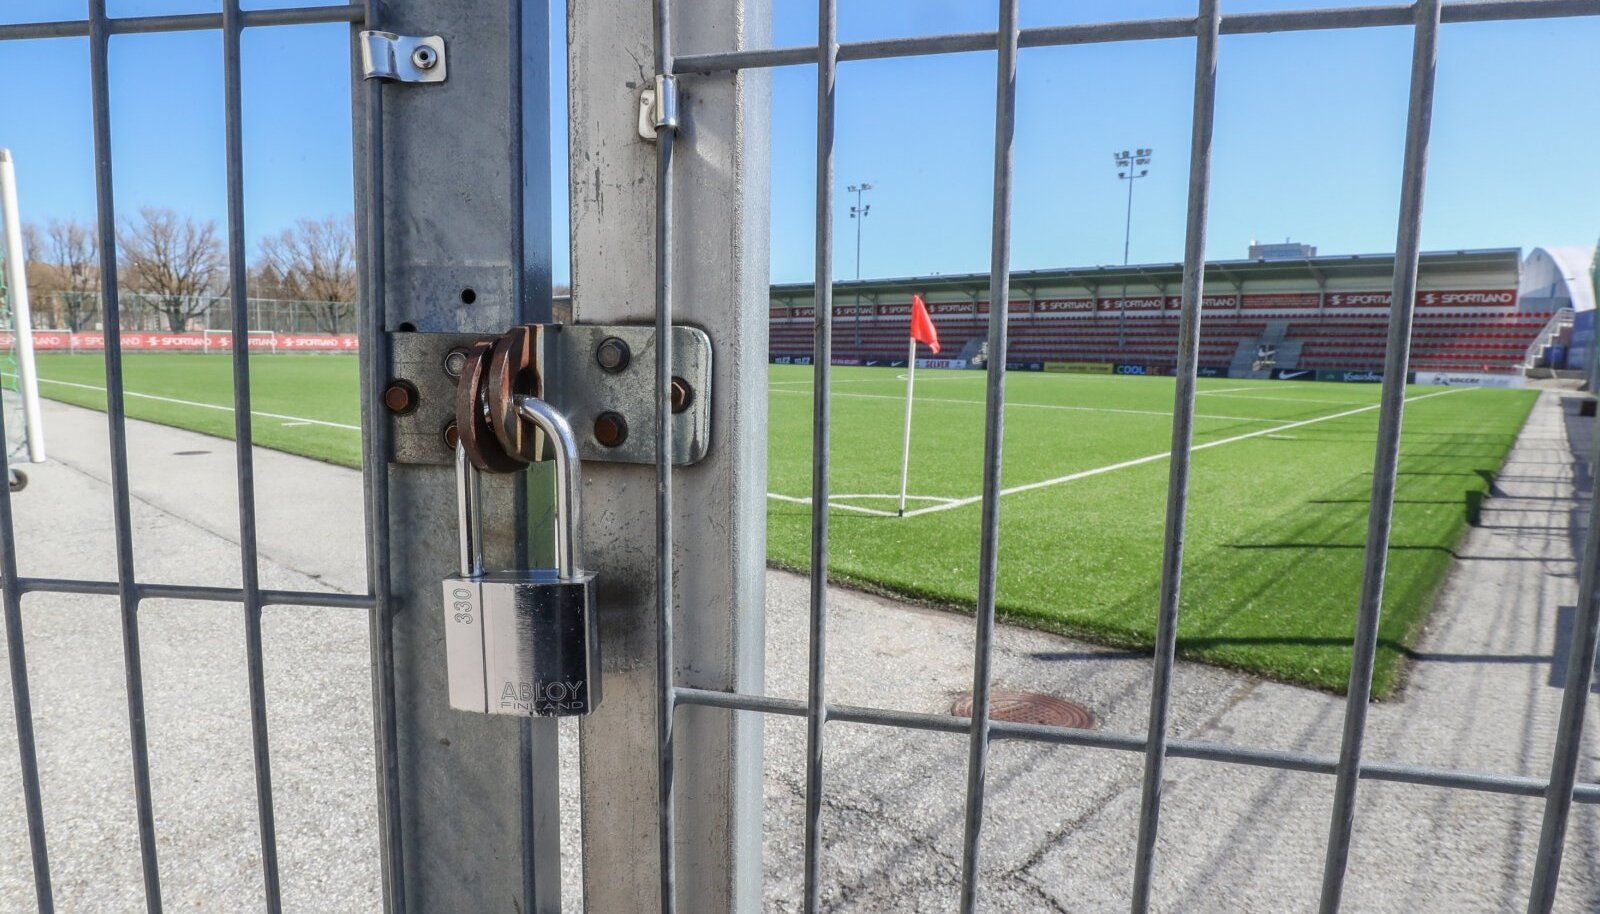 Suletud jalgpallistaadion.